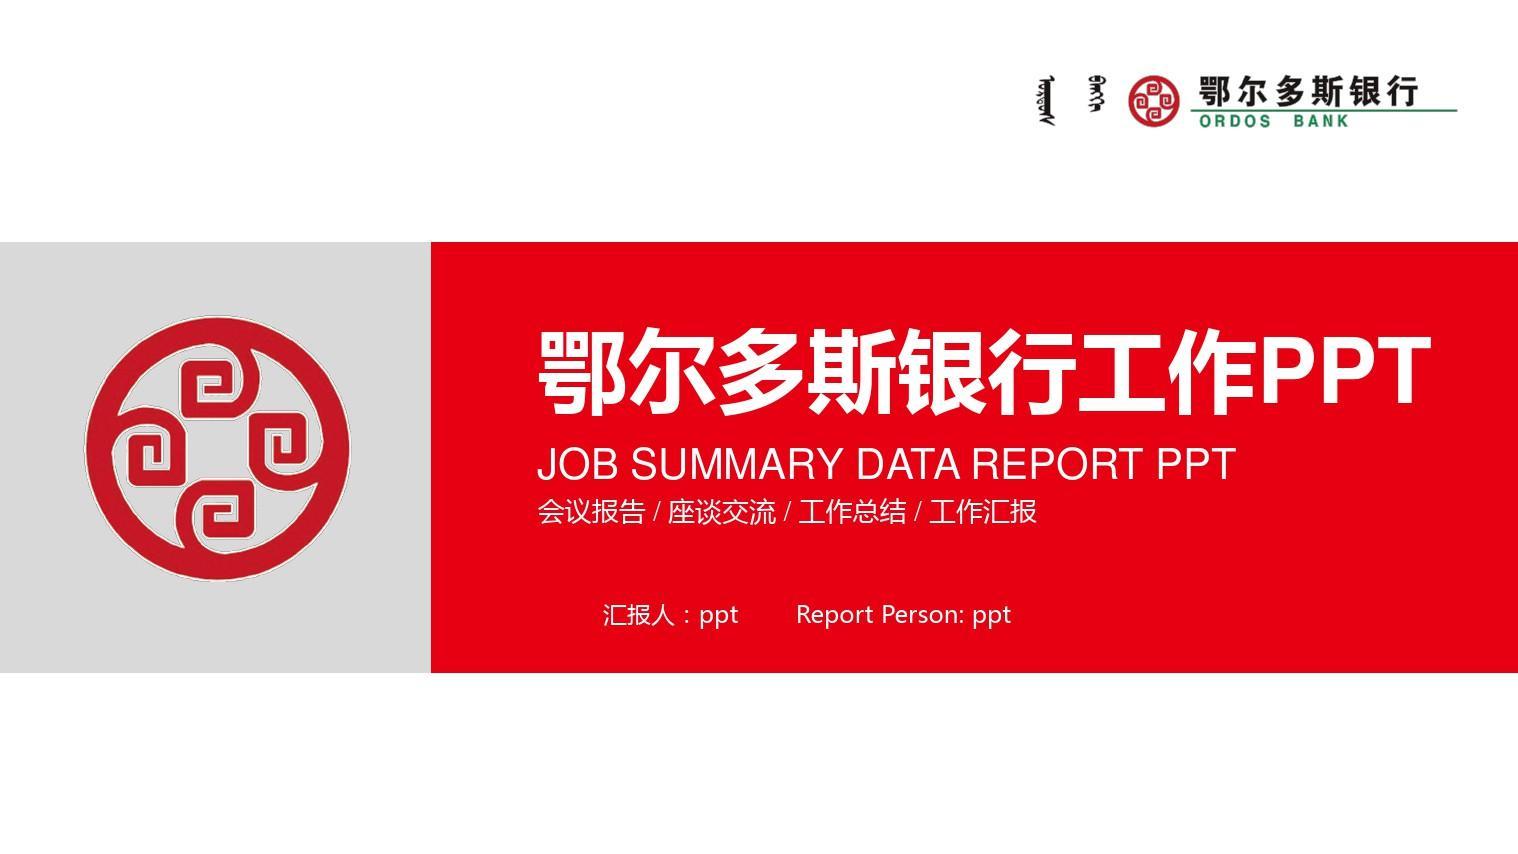 鄂尔多斯银行工作总结数据报告ppt模板